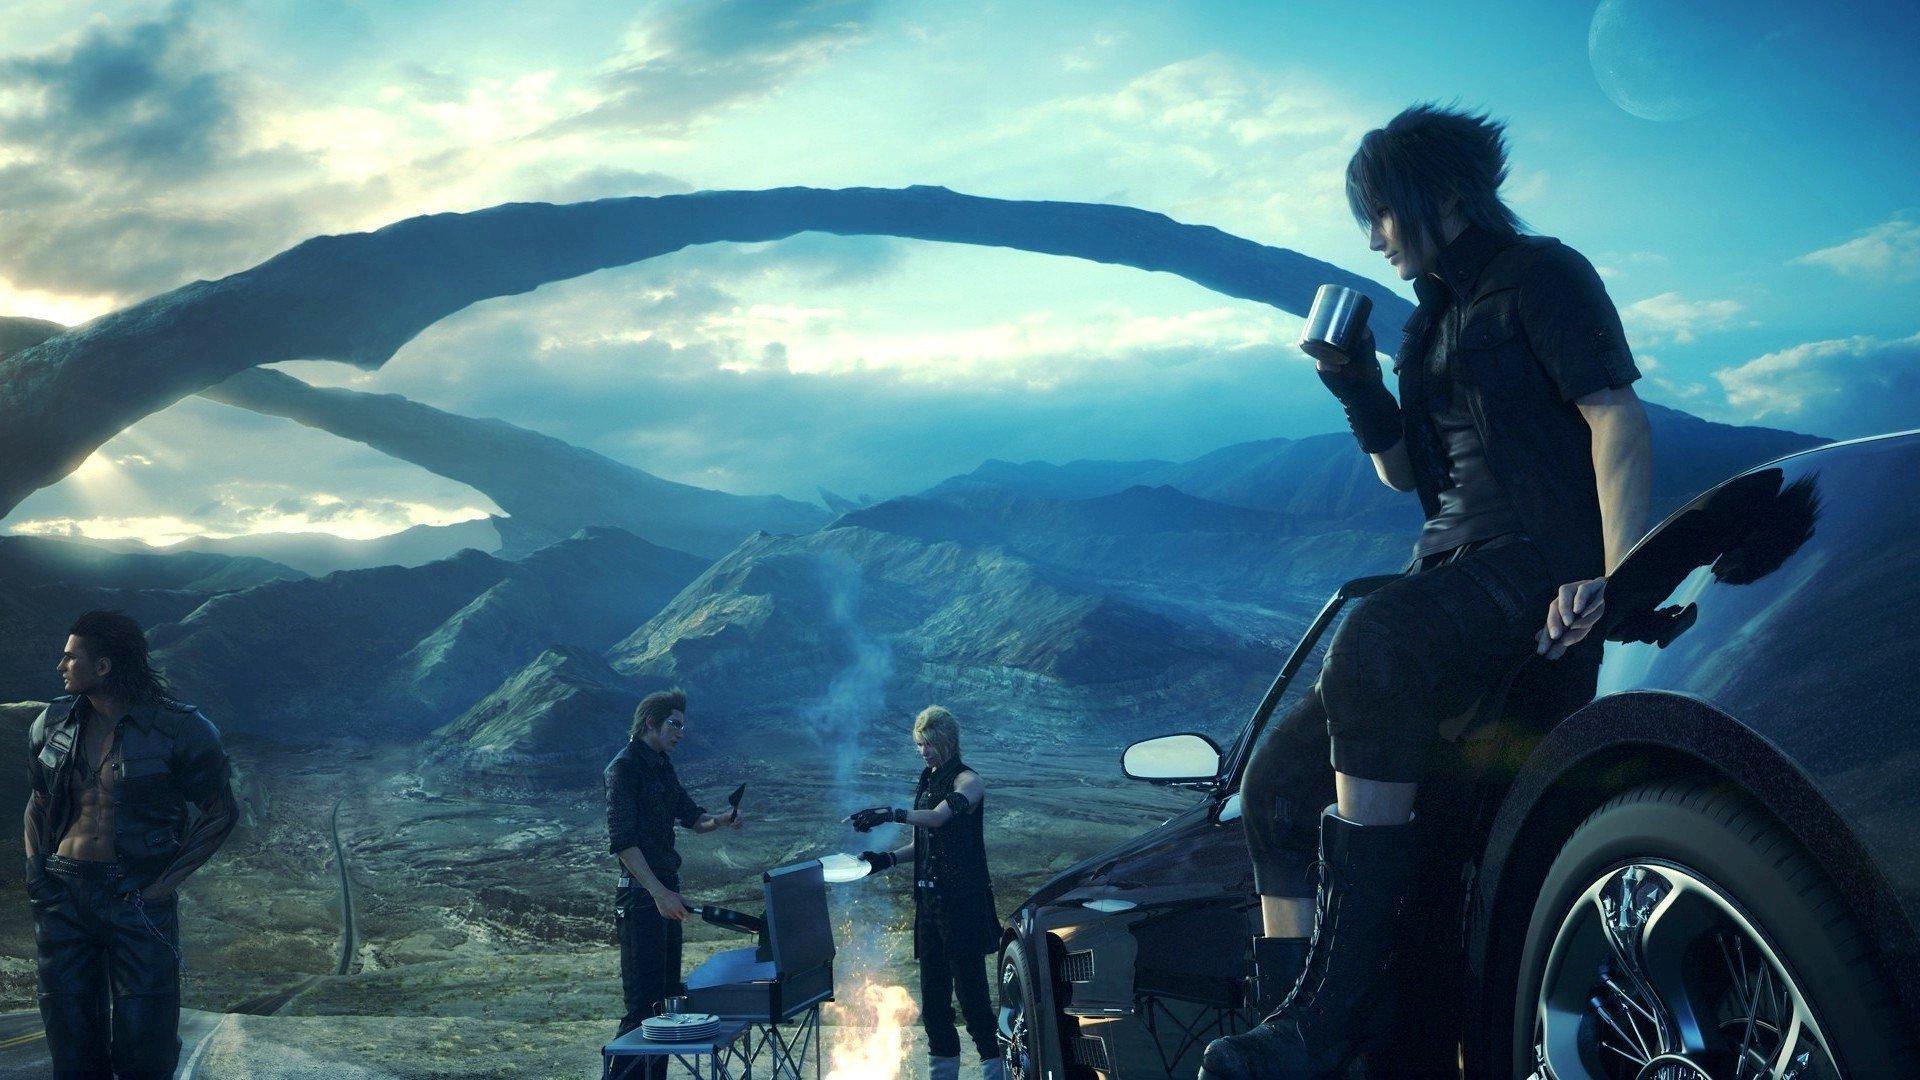 Final Fantasy XV Андрей загудаев 5 важный вещей вопросов превью игры отвратительные мужики